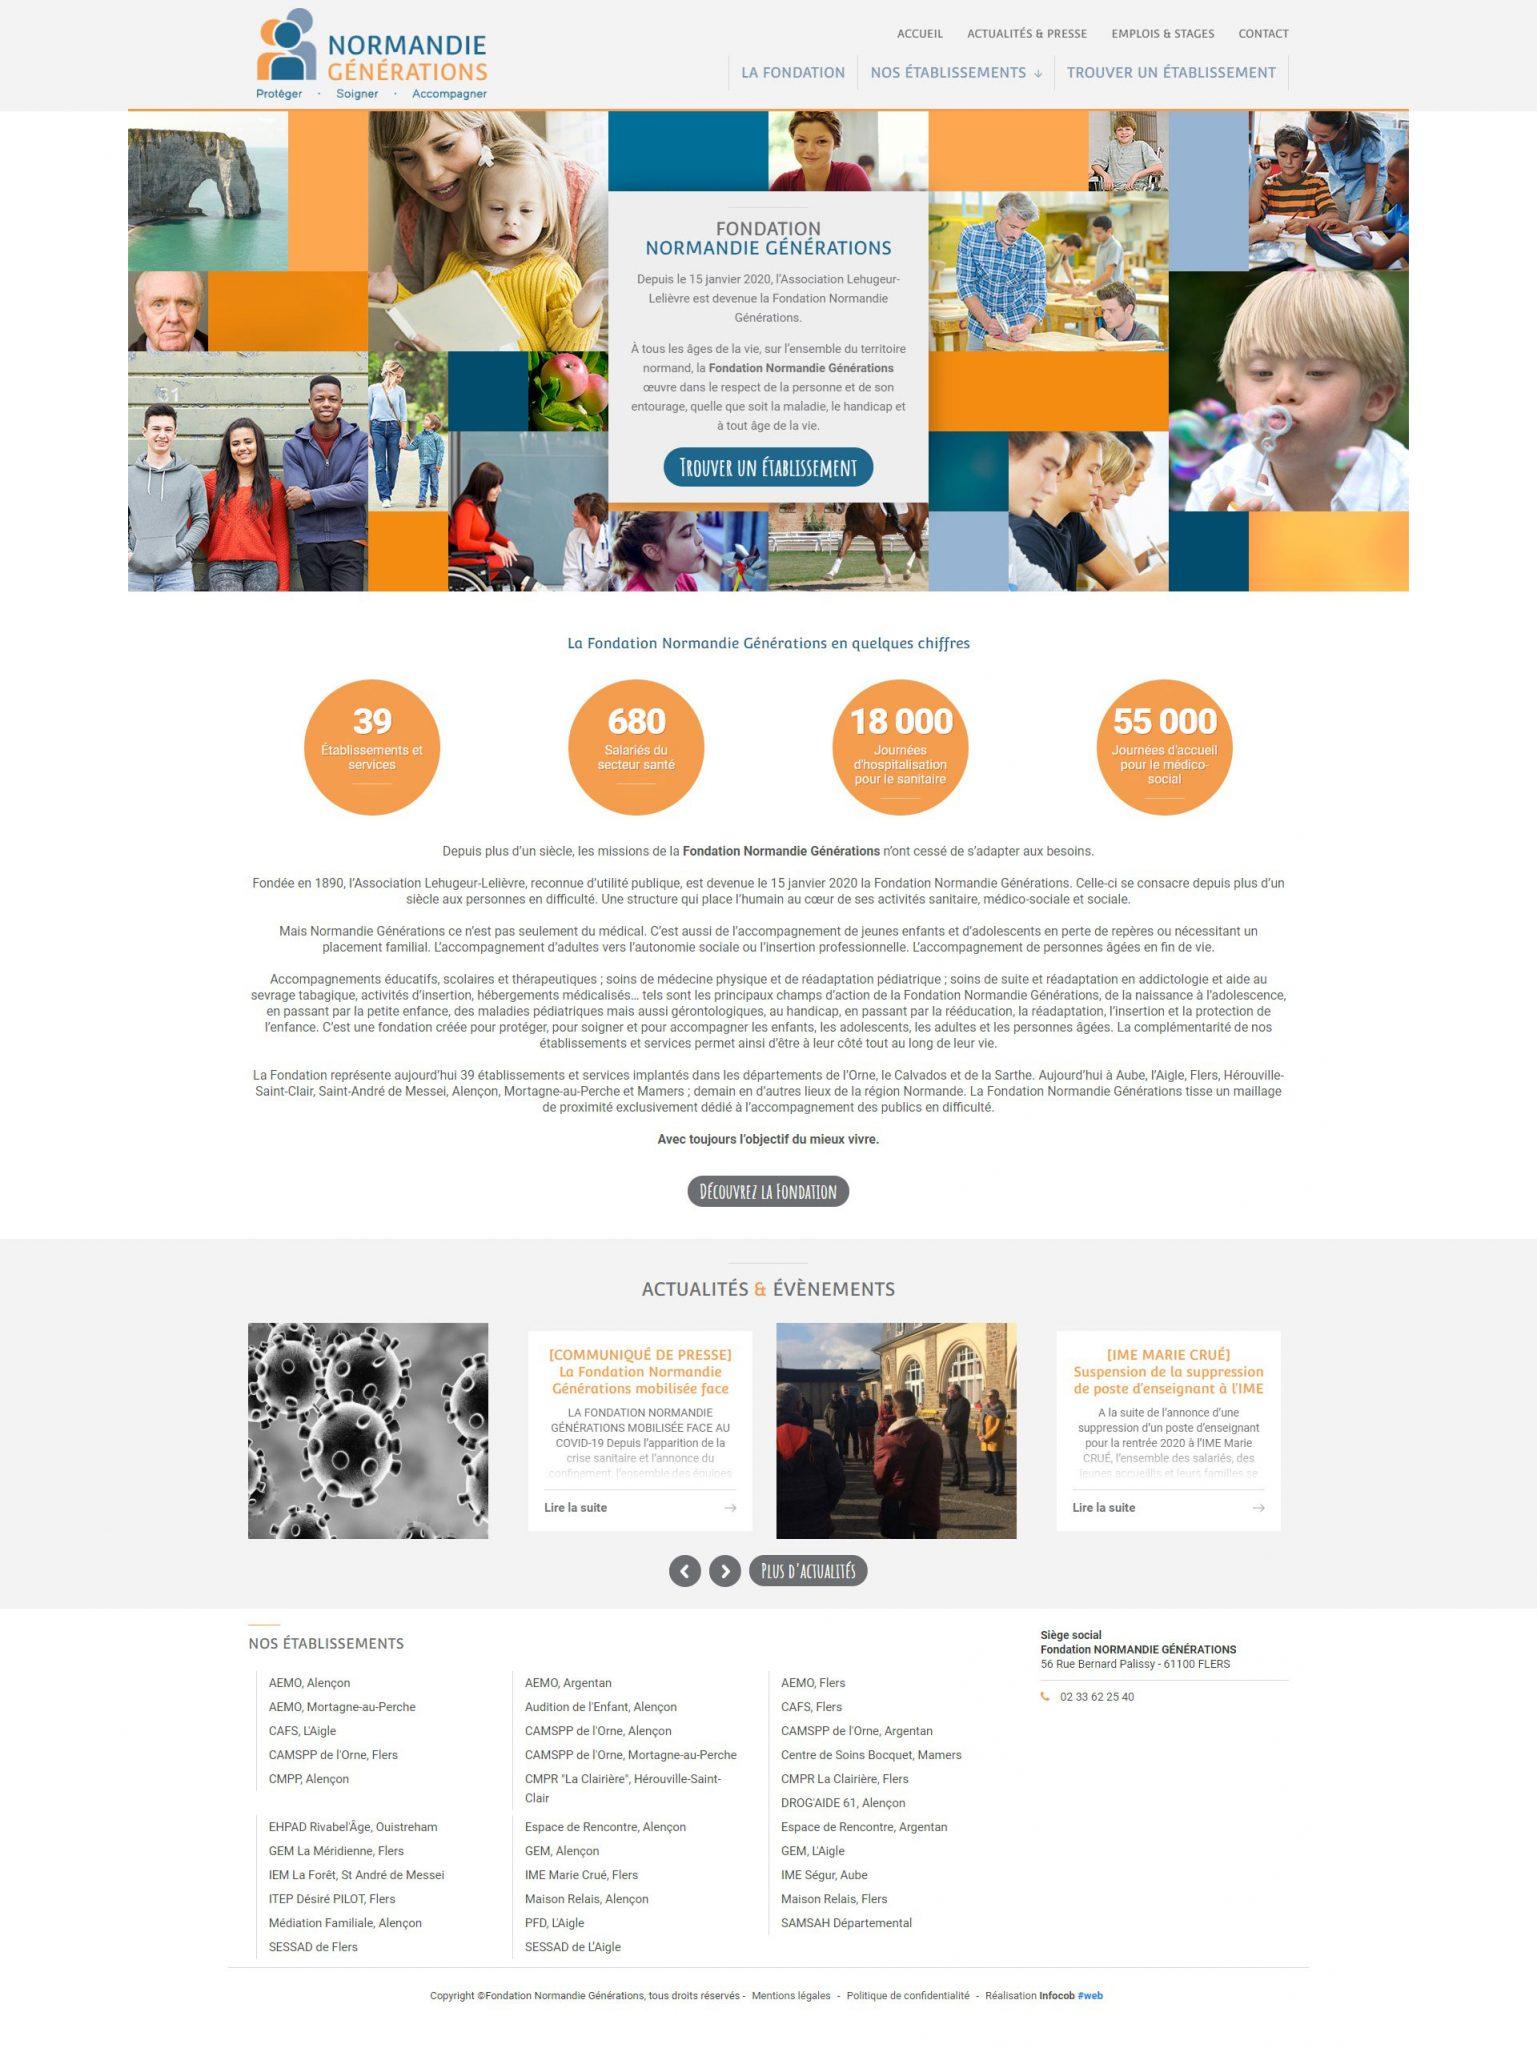 Fondation Normandie Générations